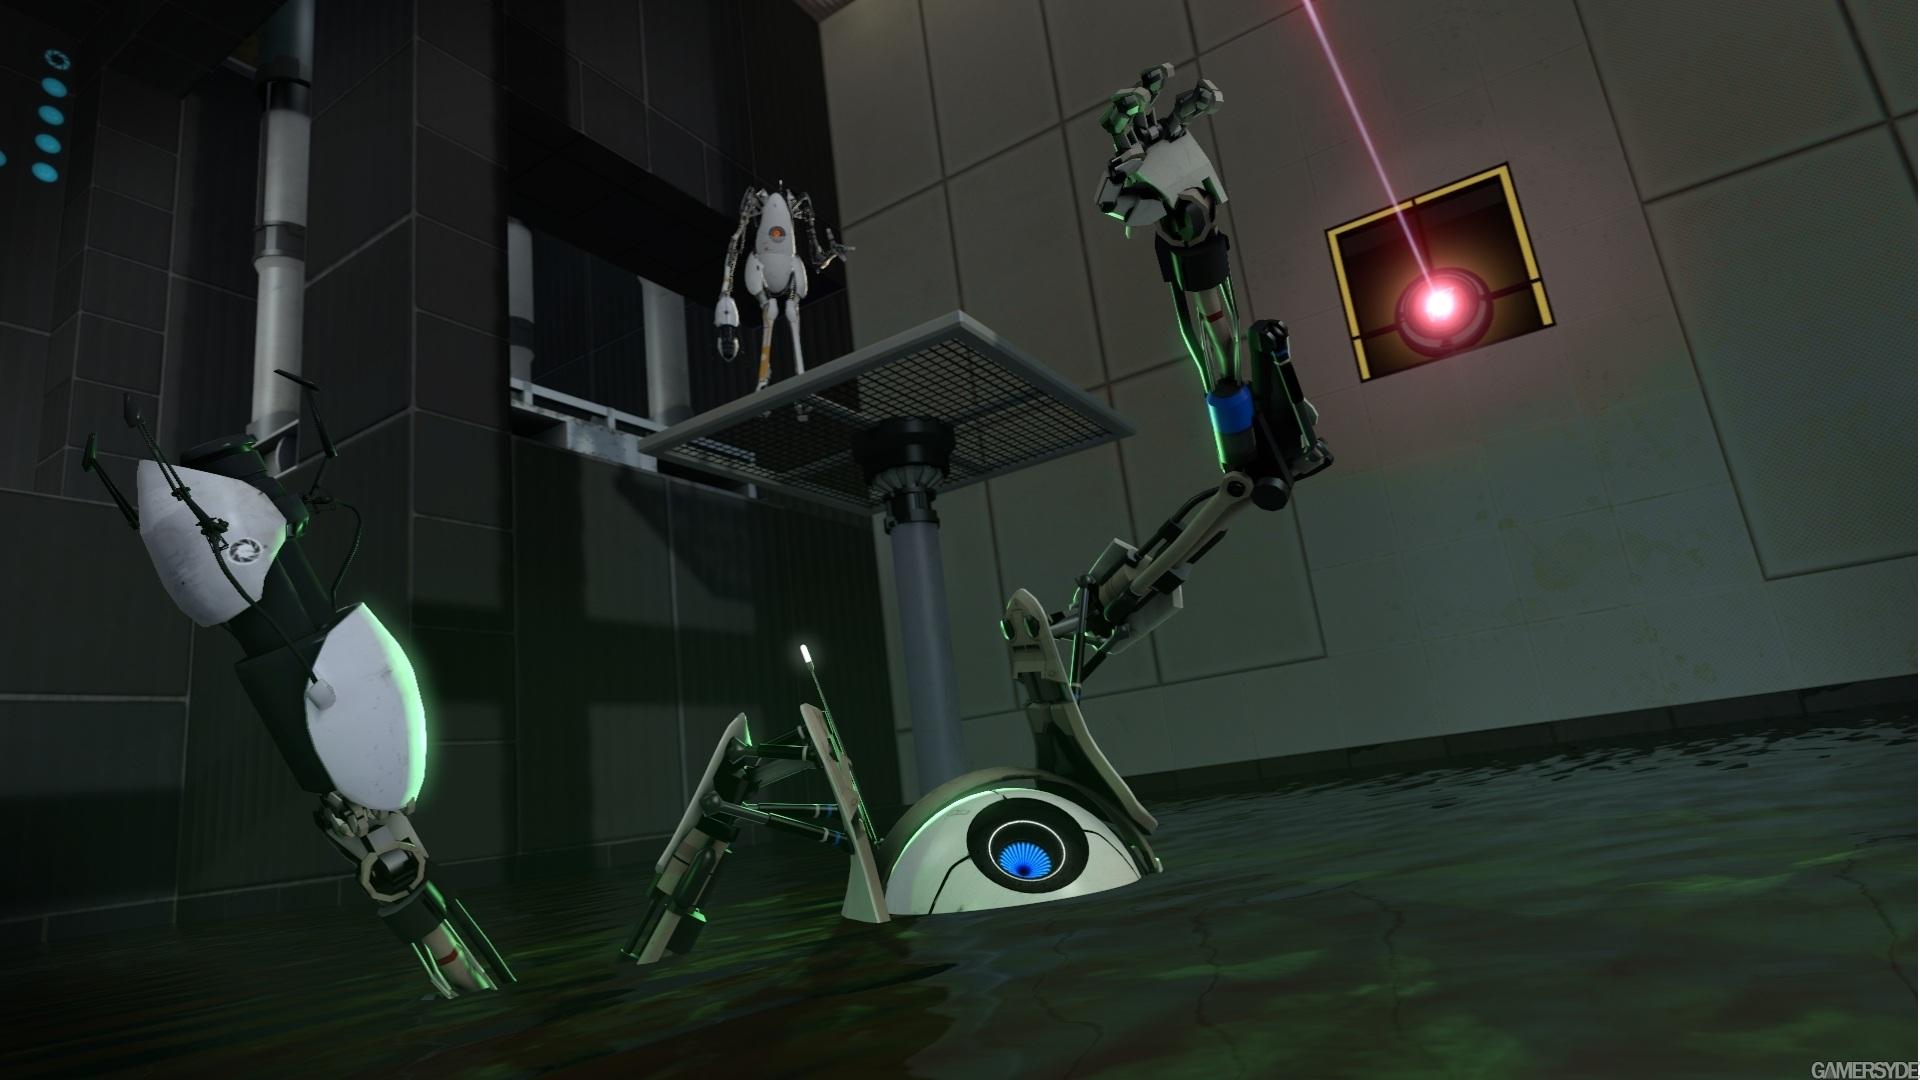 http://images.gamersyde.com/image_portal_2-14455-2070_0004.jpg